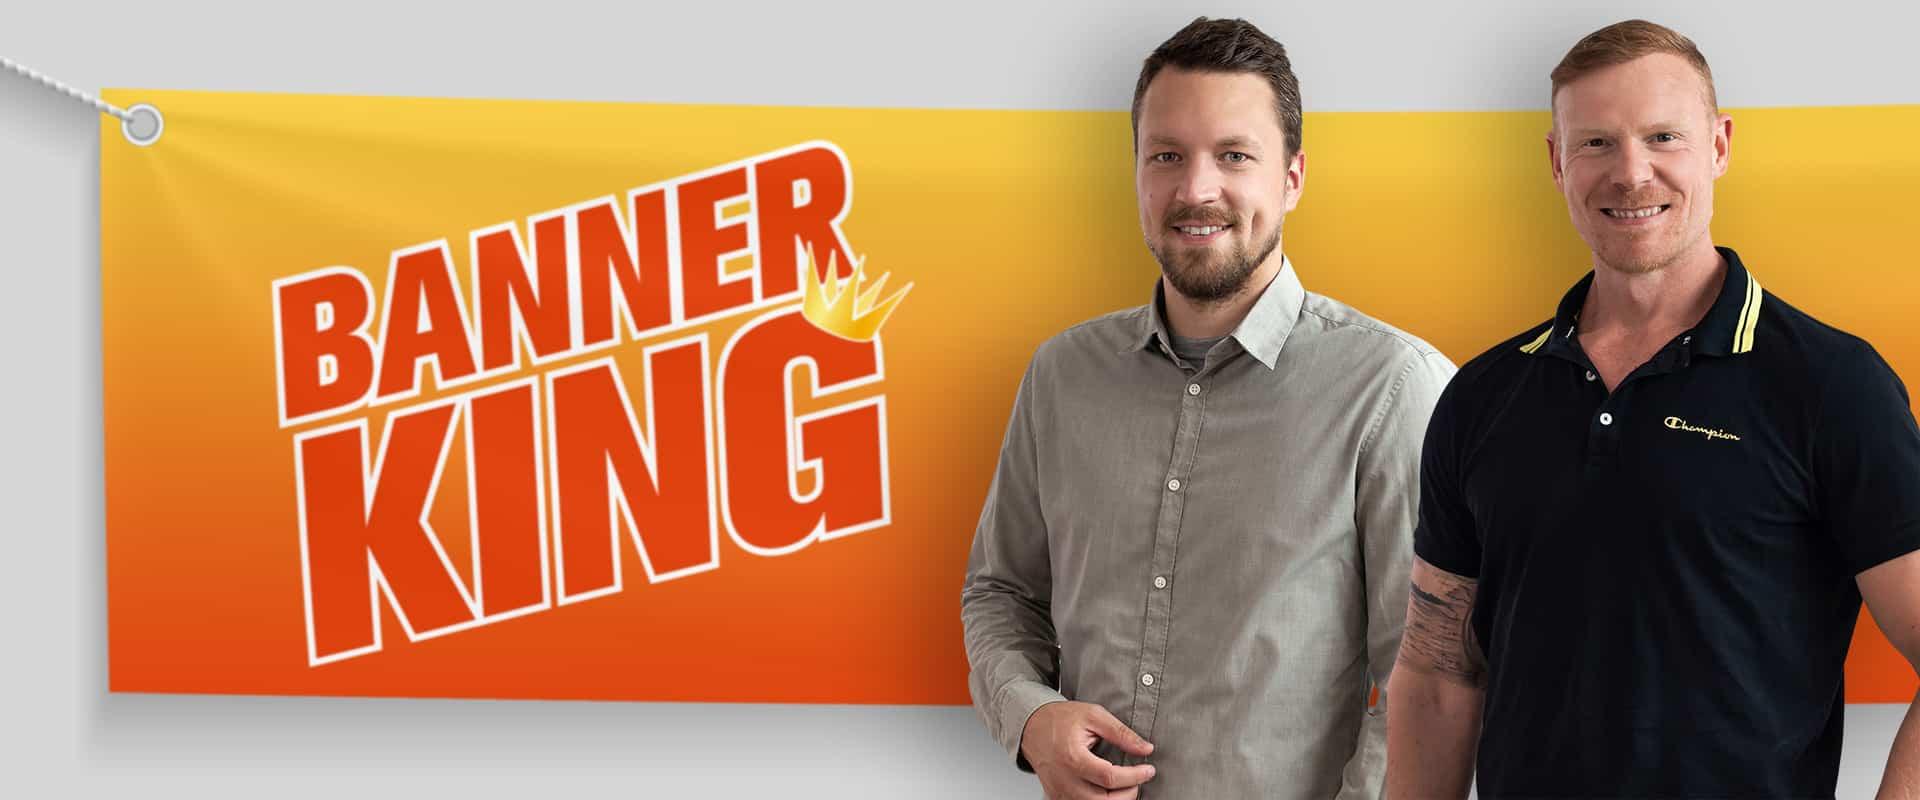 Banner King Über uns: Alex Heuberger und Dieter Galambos